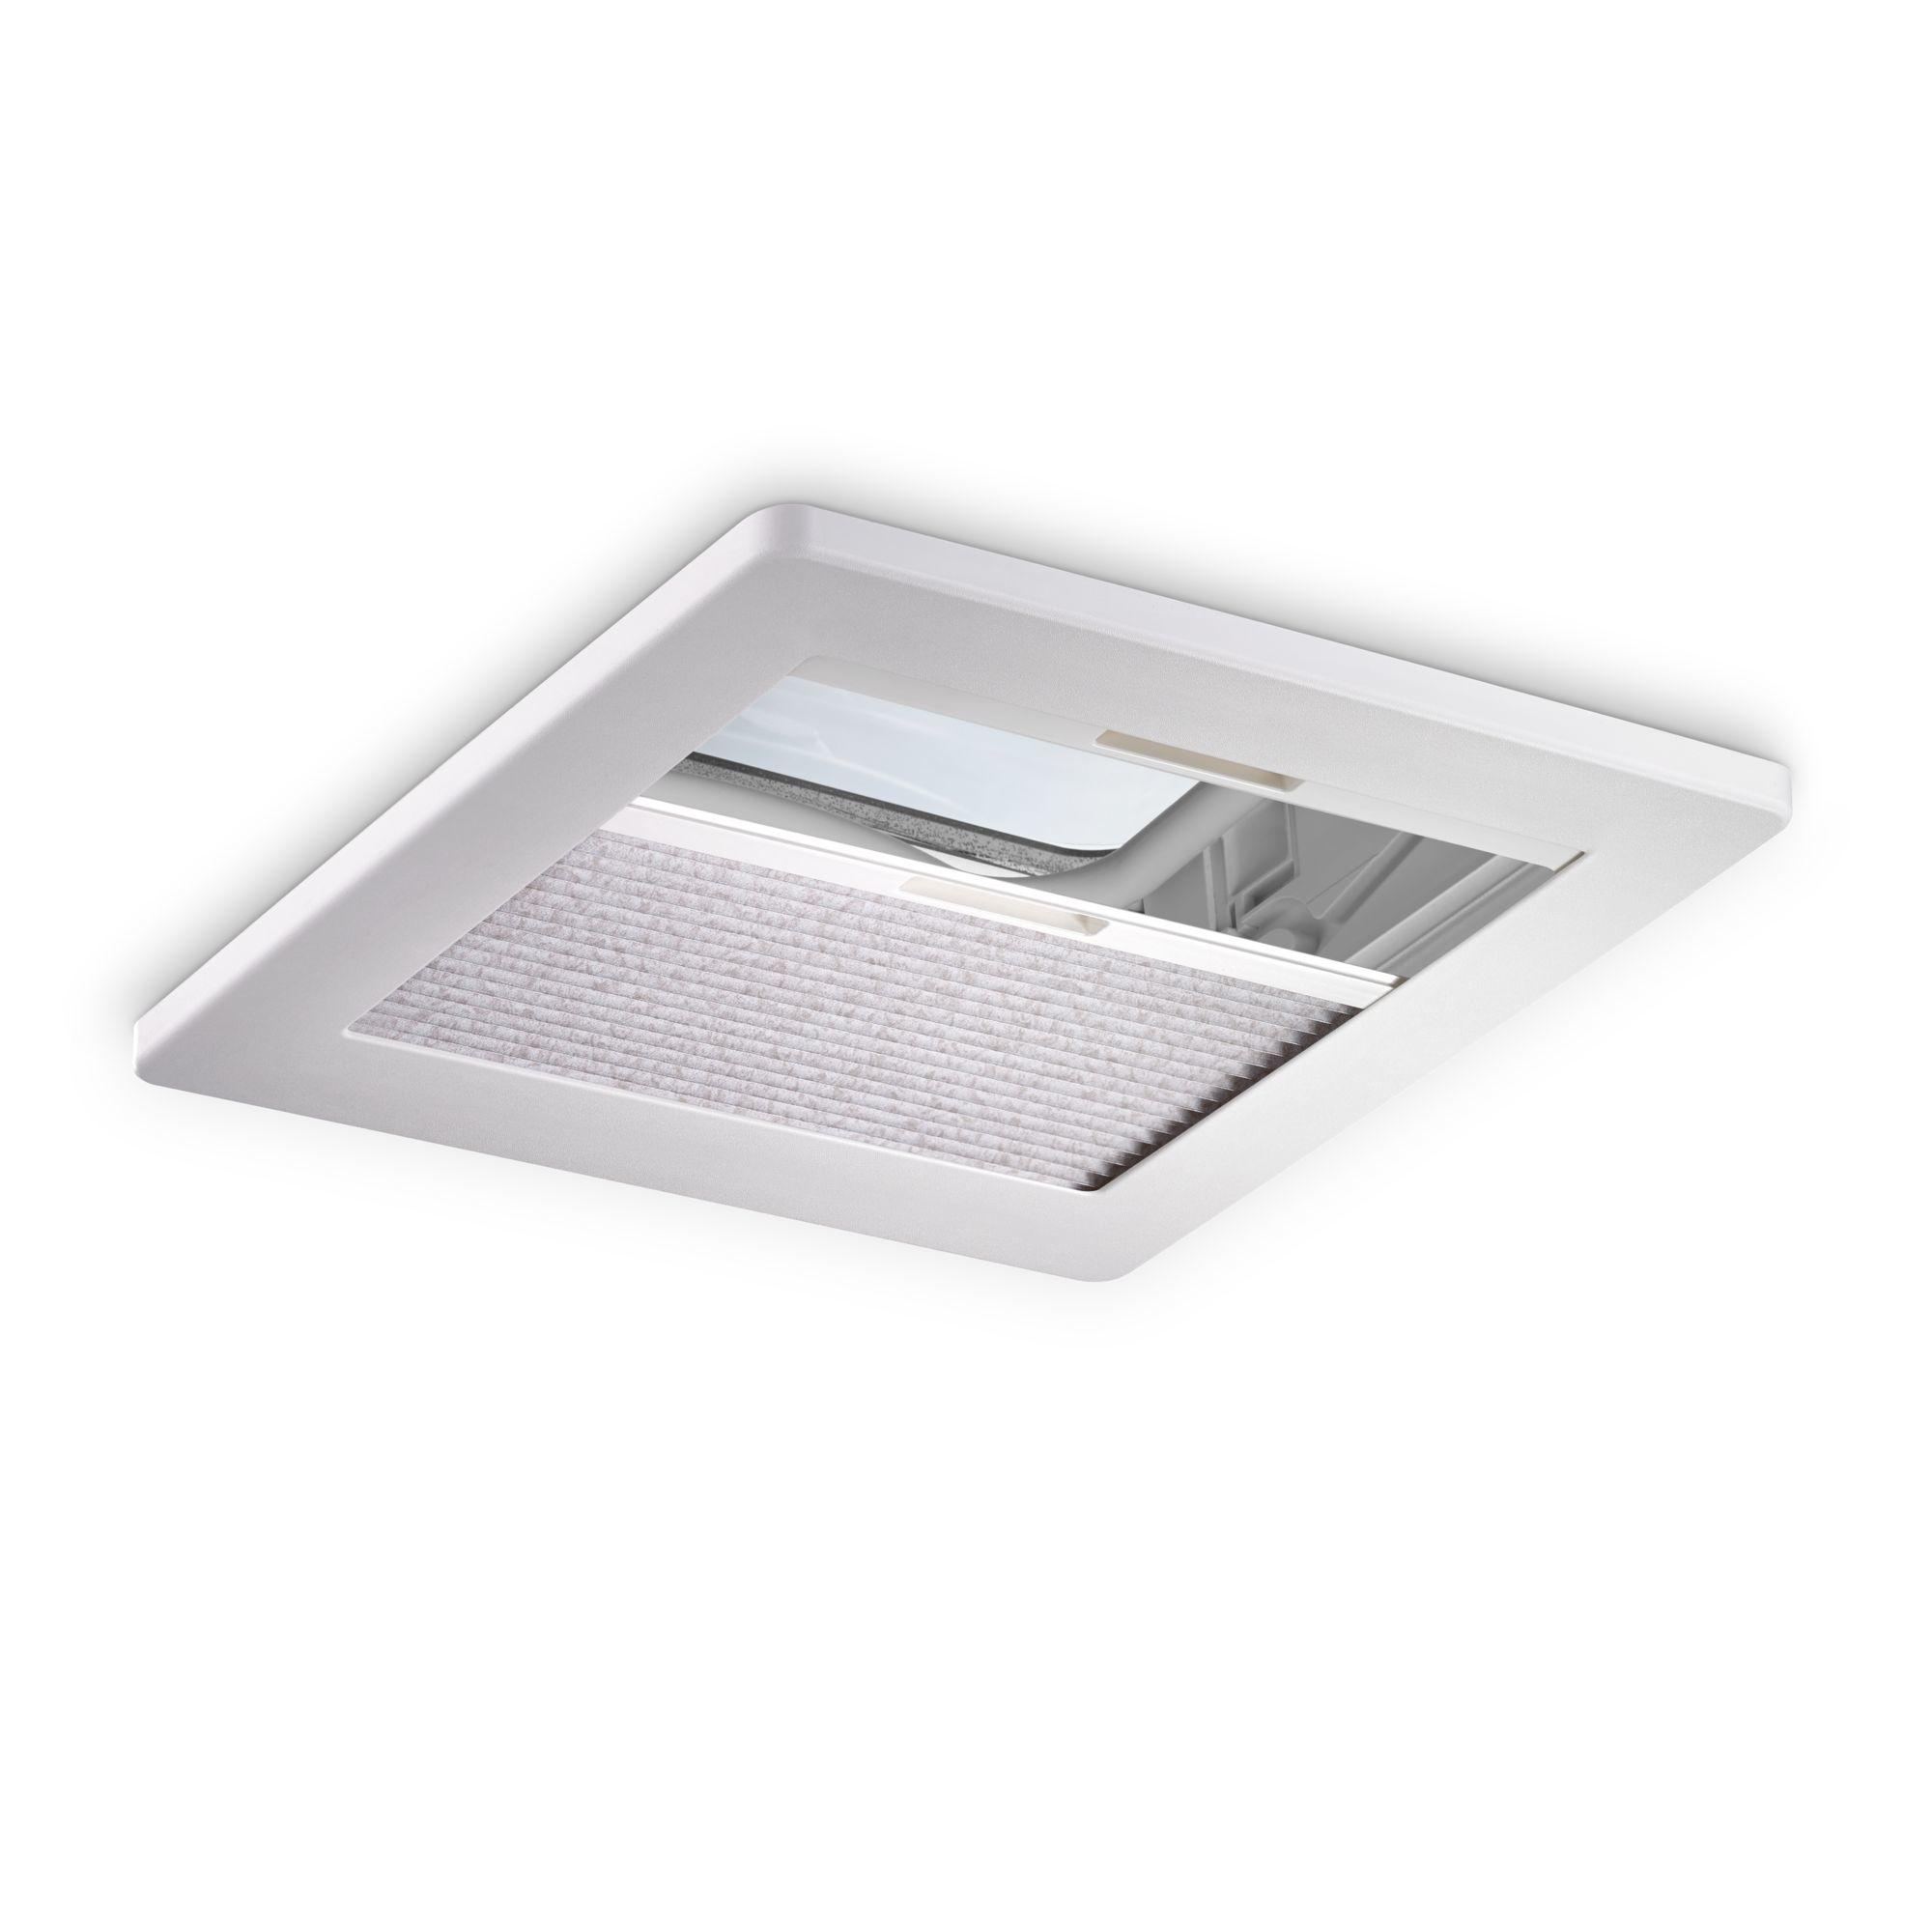 Dometic Dometic Dachfenster Micro Heki